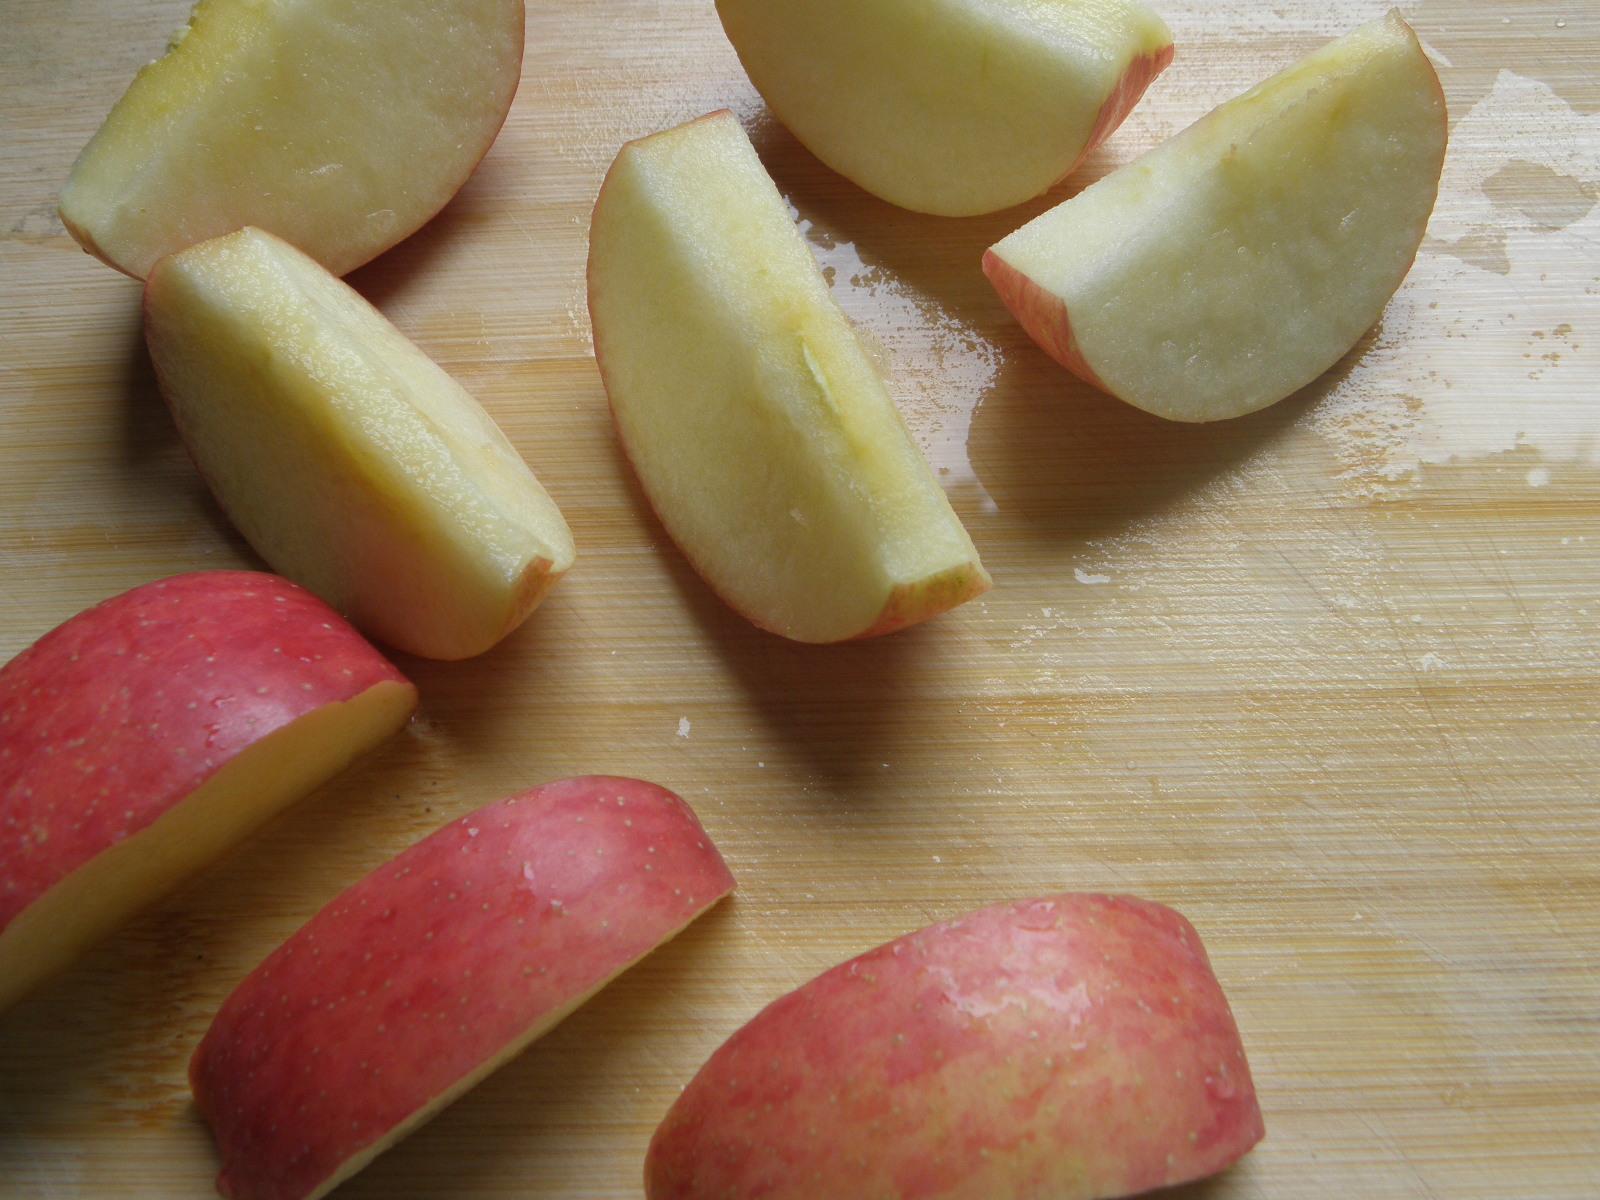 切苹果,切苹果,切苹果